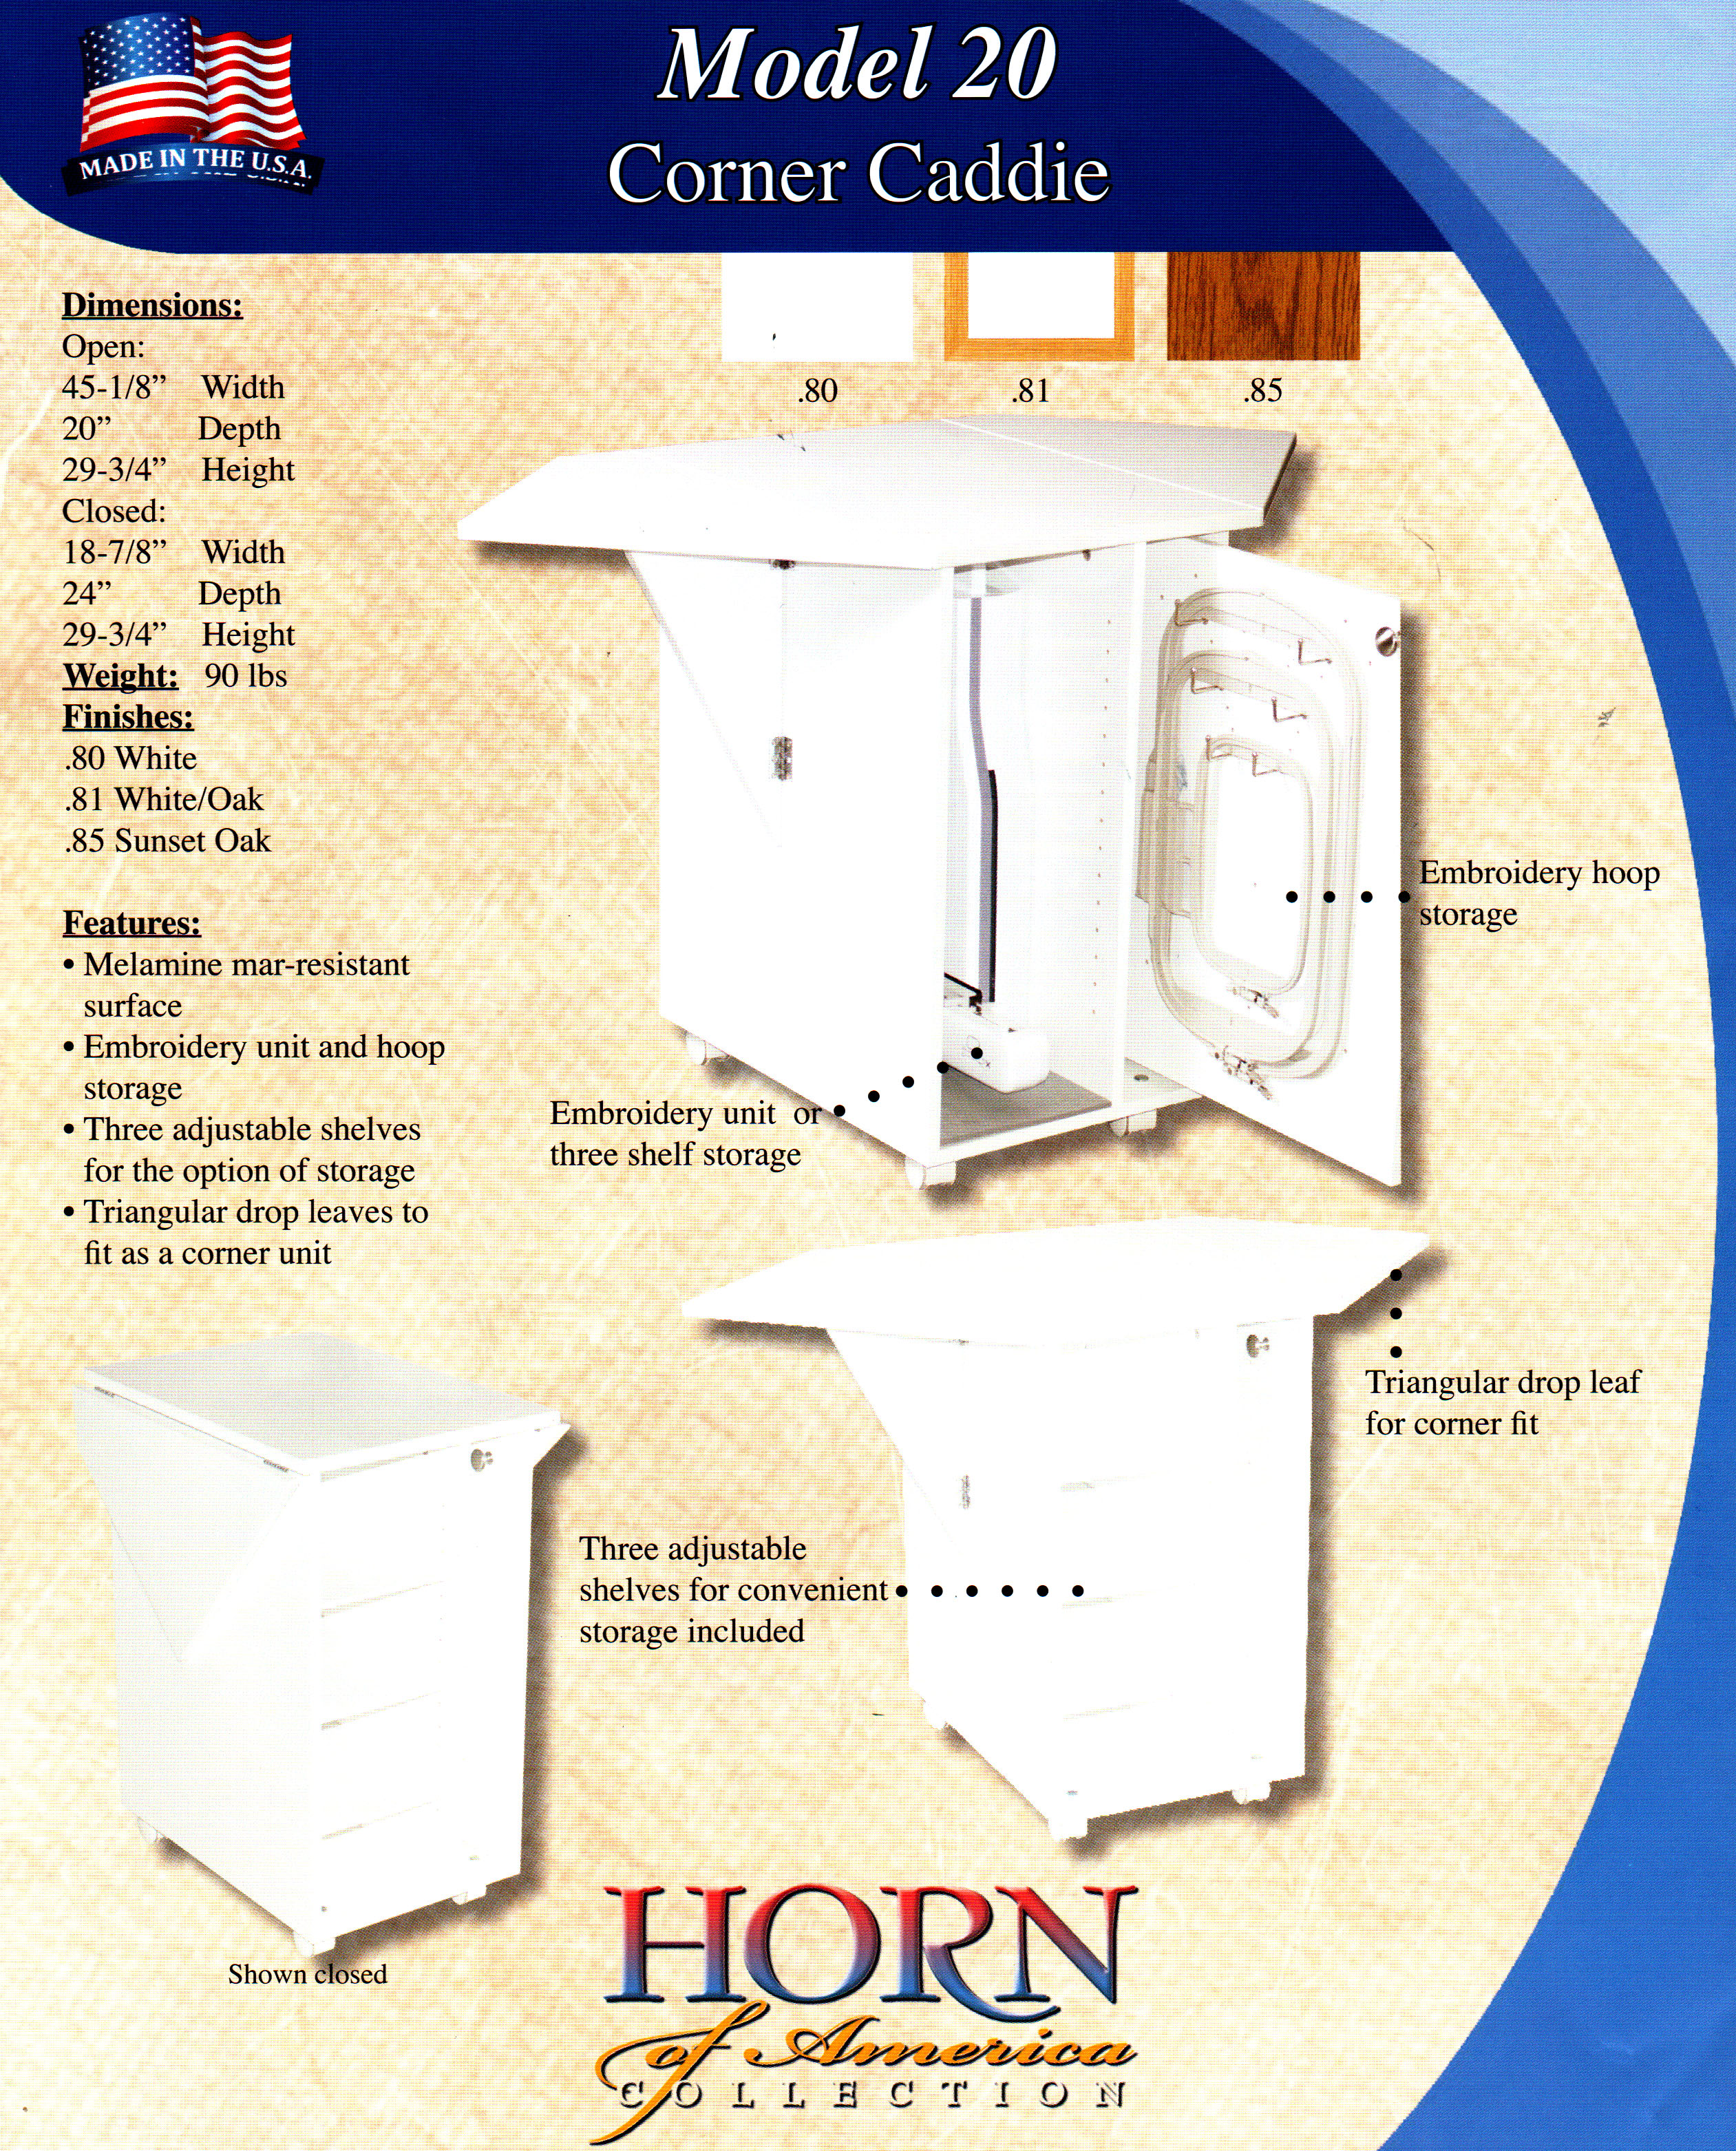 horn-model-20-2.jpg